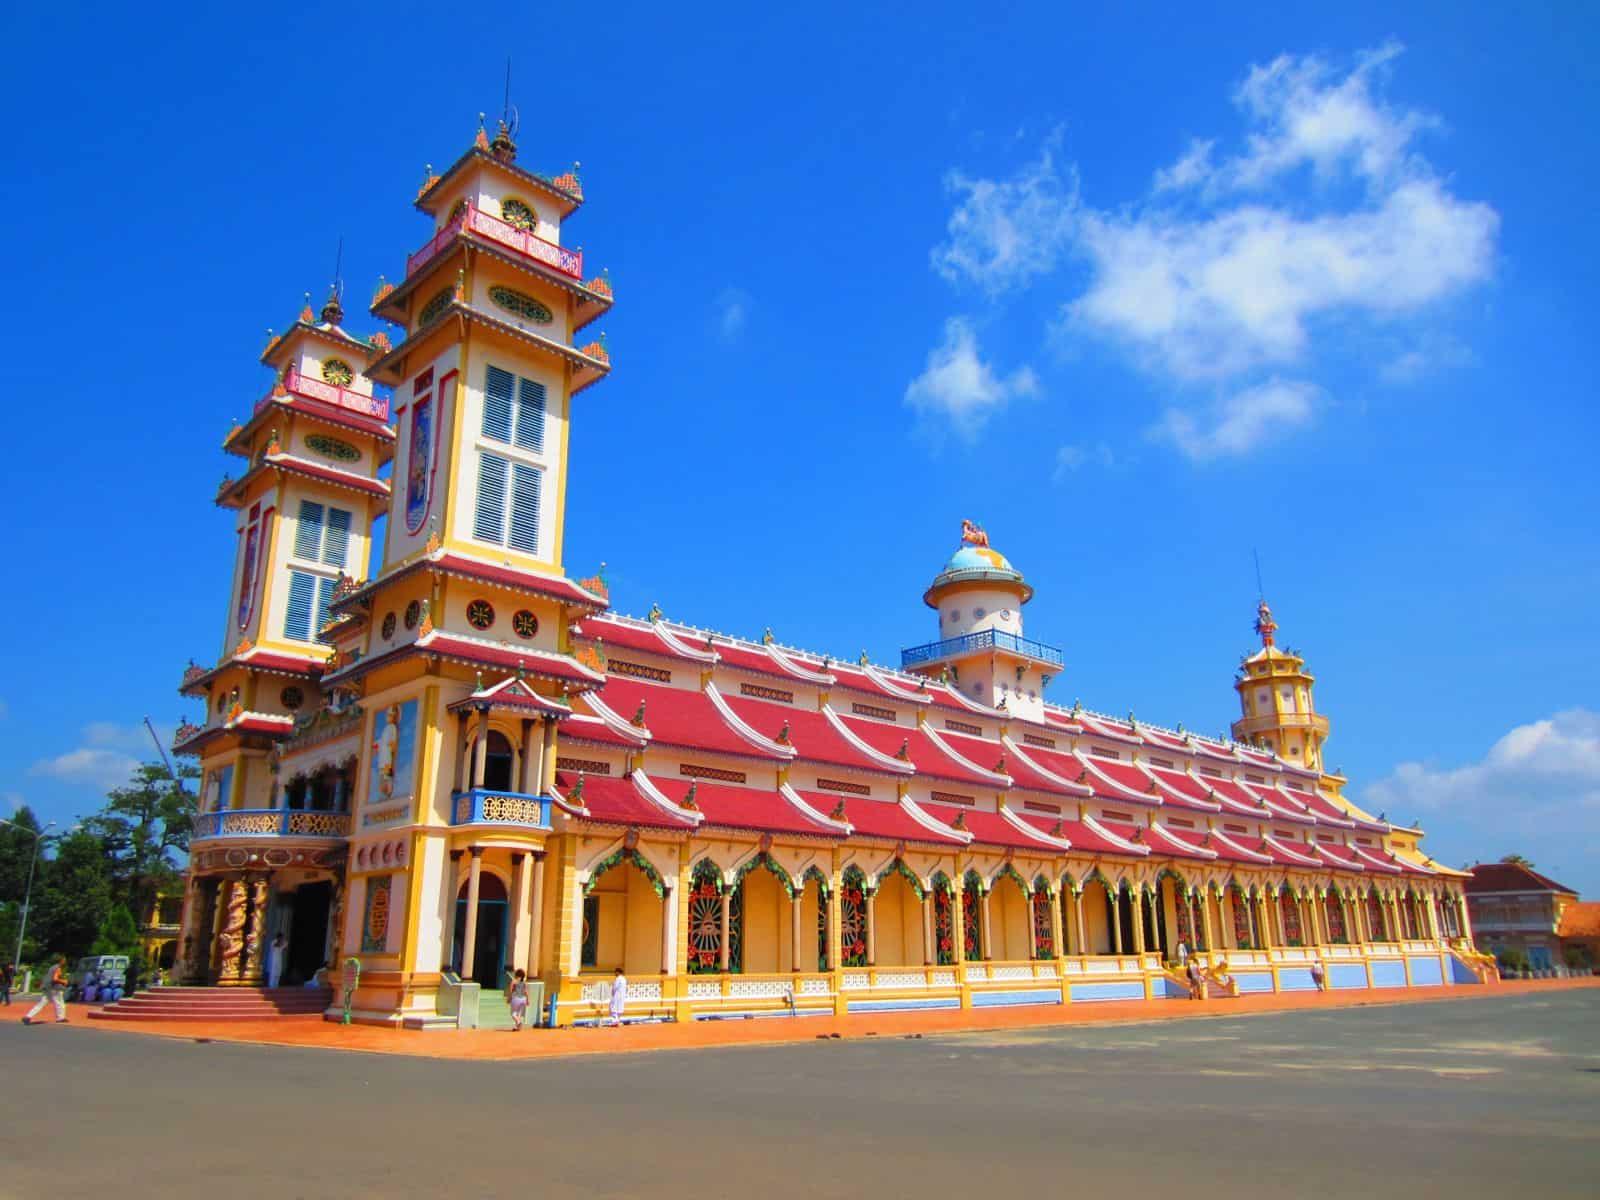 Khu du lịch Tòa Thánh ở Tây Ninh (Ảnh: ST)